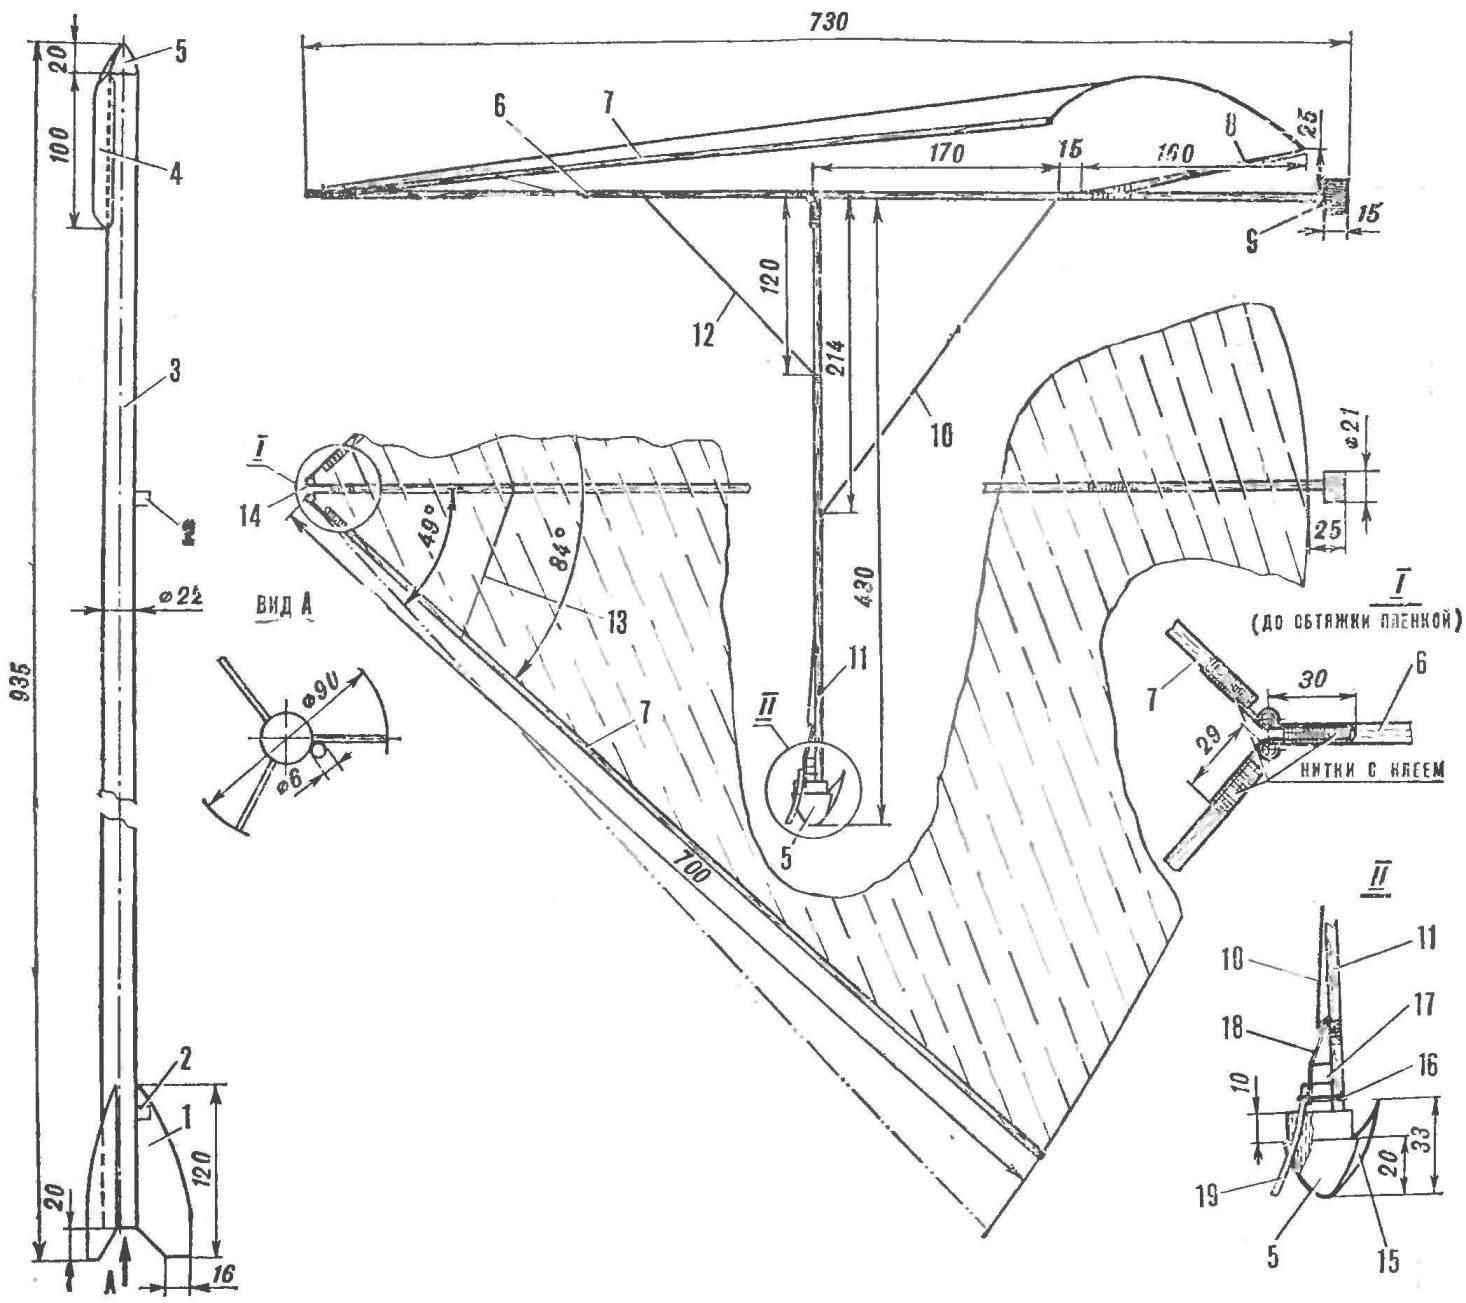 Ракетоплан с крылом S-образного профиля